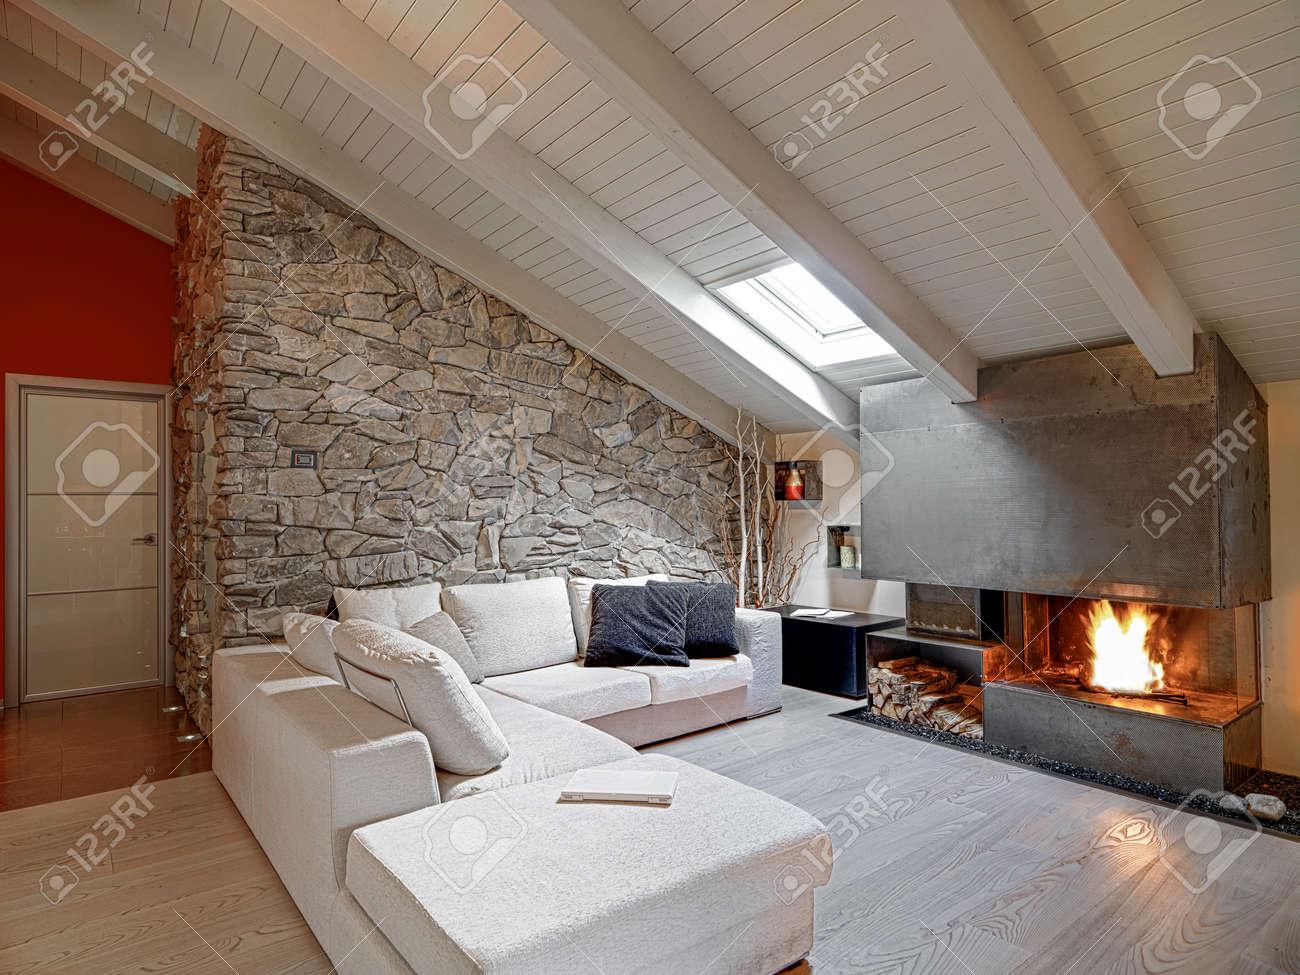 Modernes Wohnzimmer Mit Kamin Im Dachgeschoss Und Mit Holzfußboden  Standard Bild   53055469